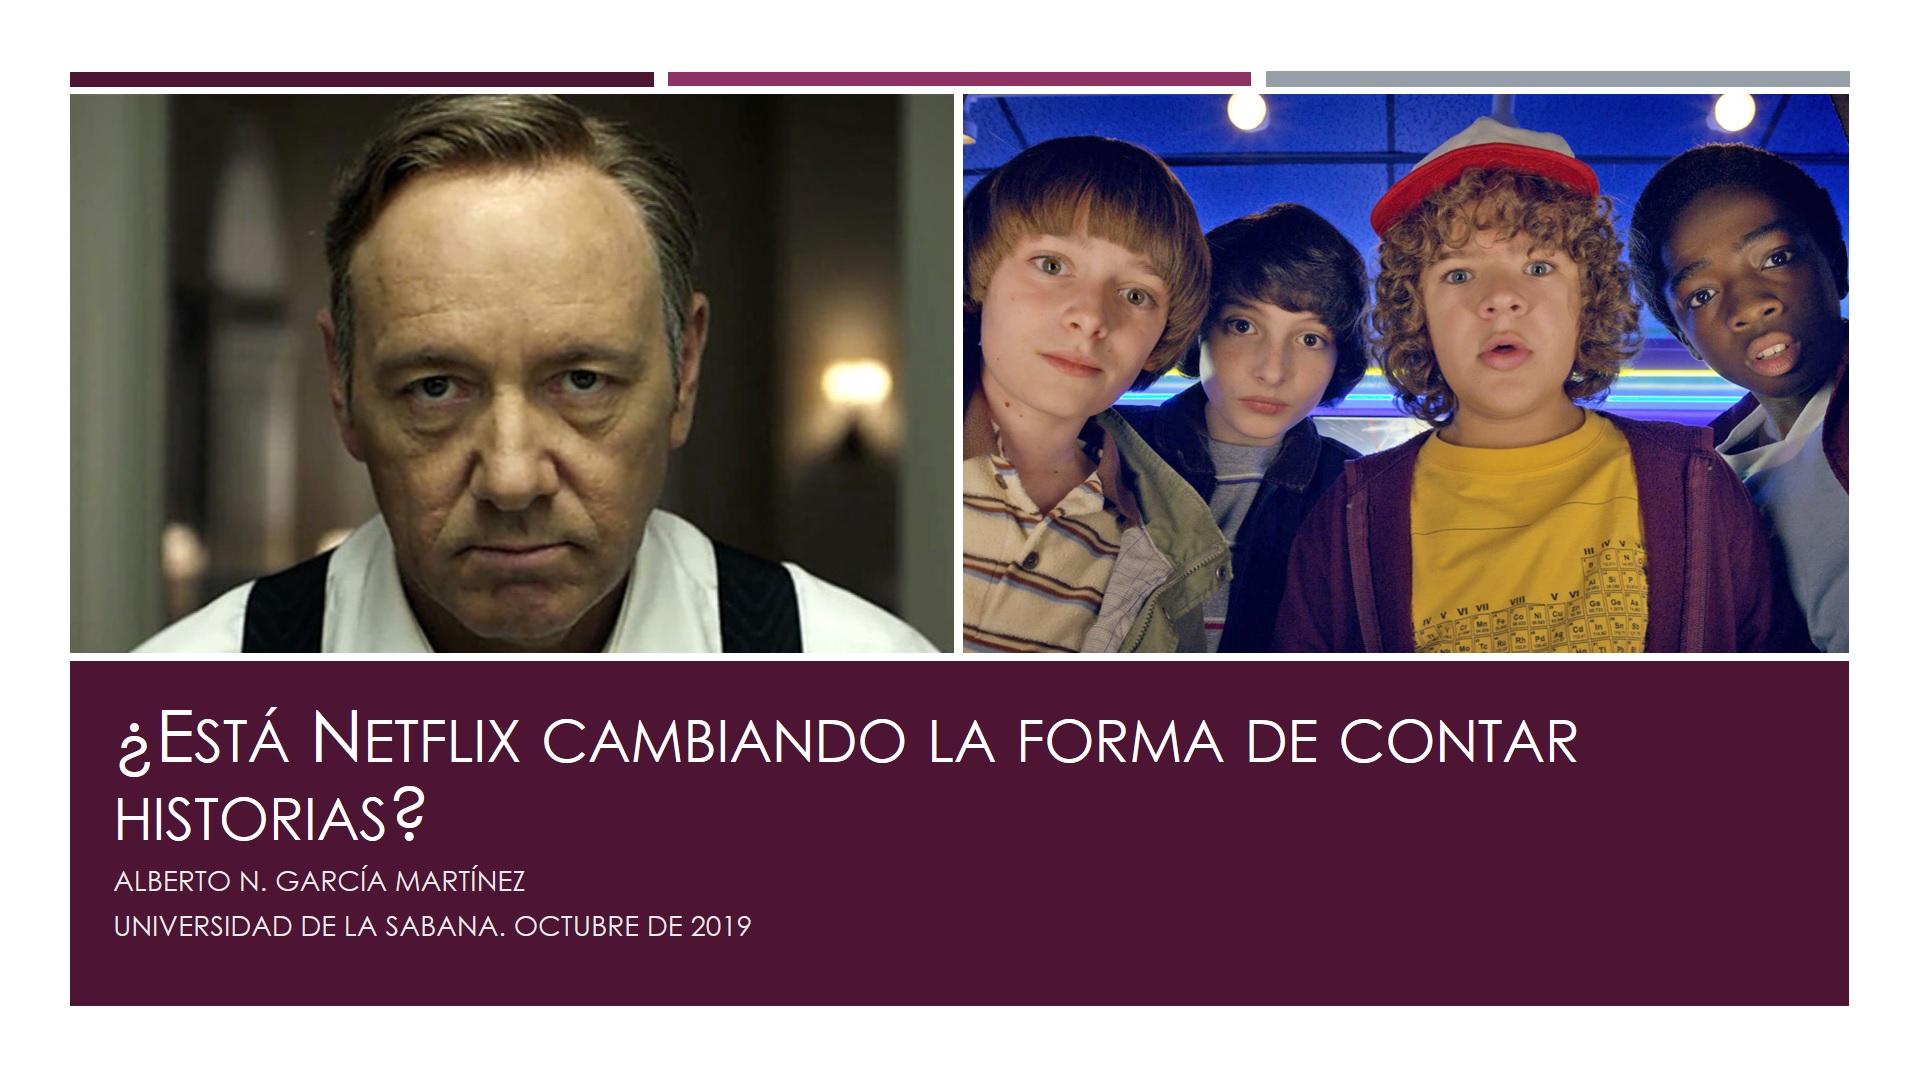 Netflix cambiando forma de contar